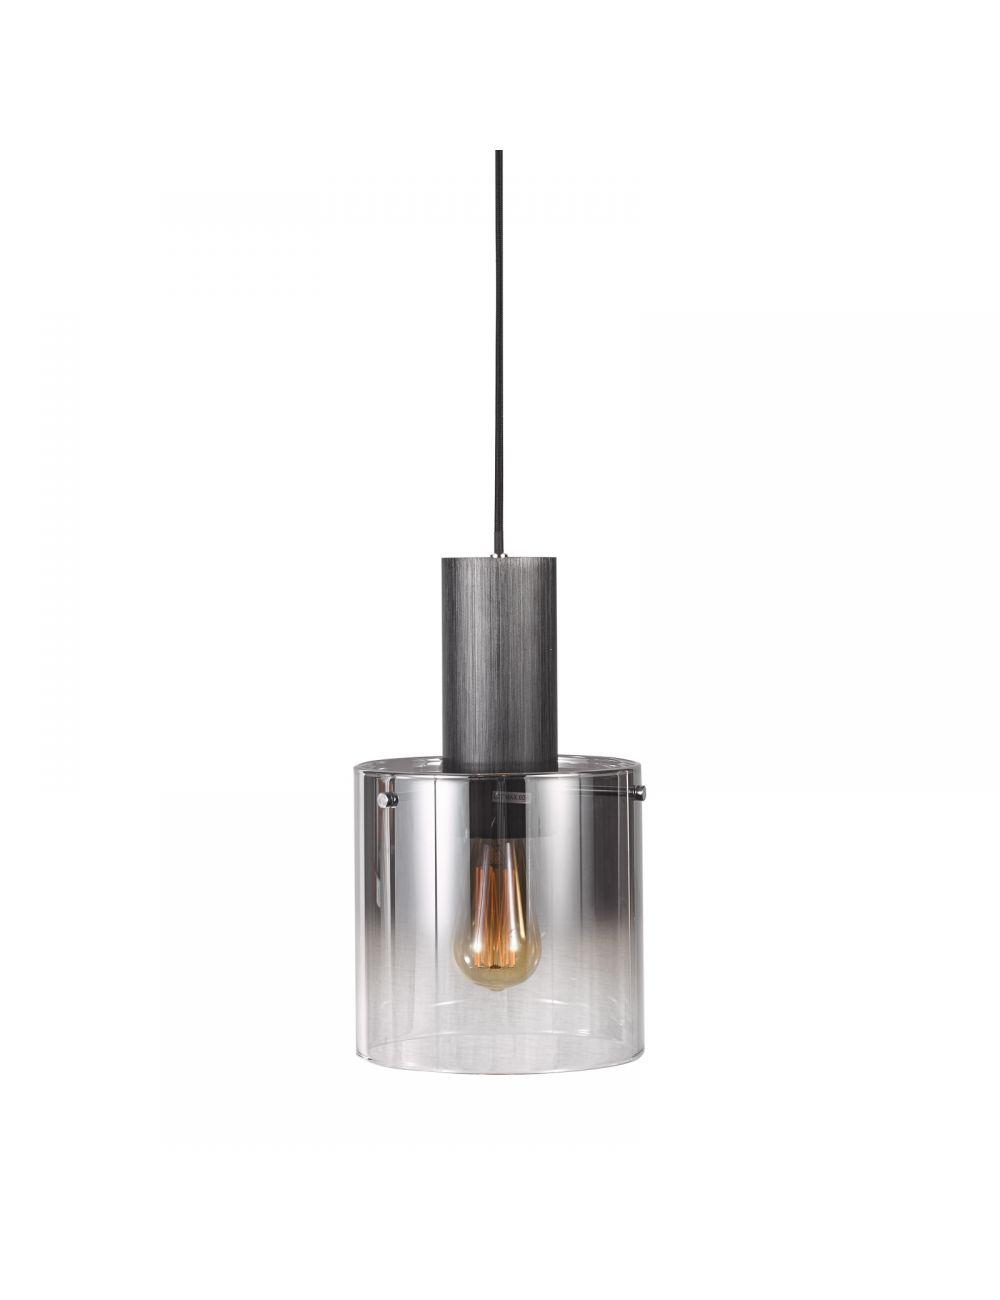 Lampa wisząca nowoczesna szklana Javier czarna 1 Italux MD17076-1A BK